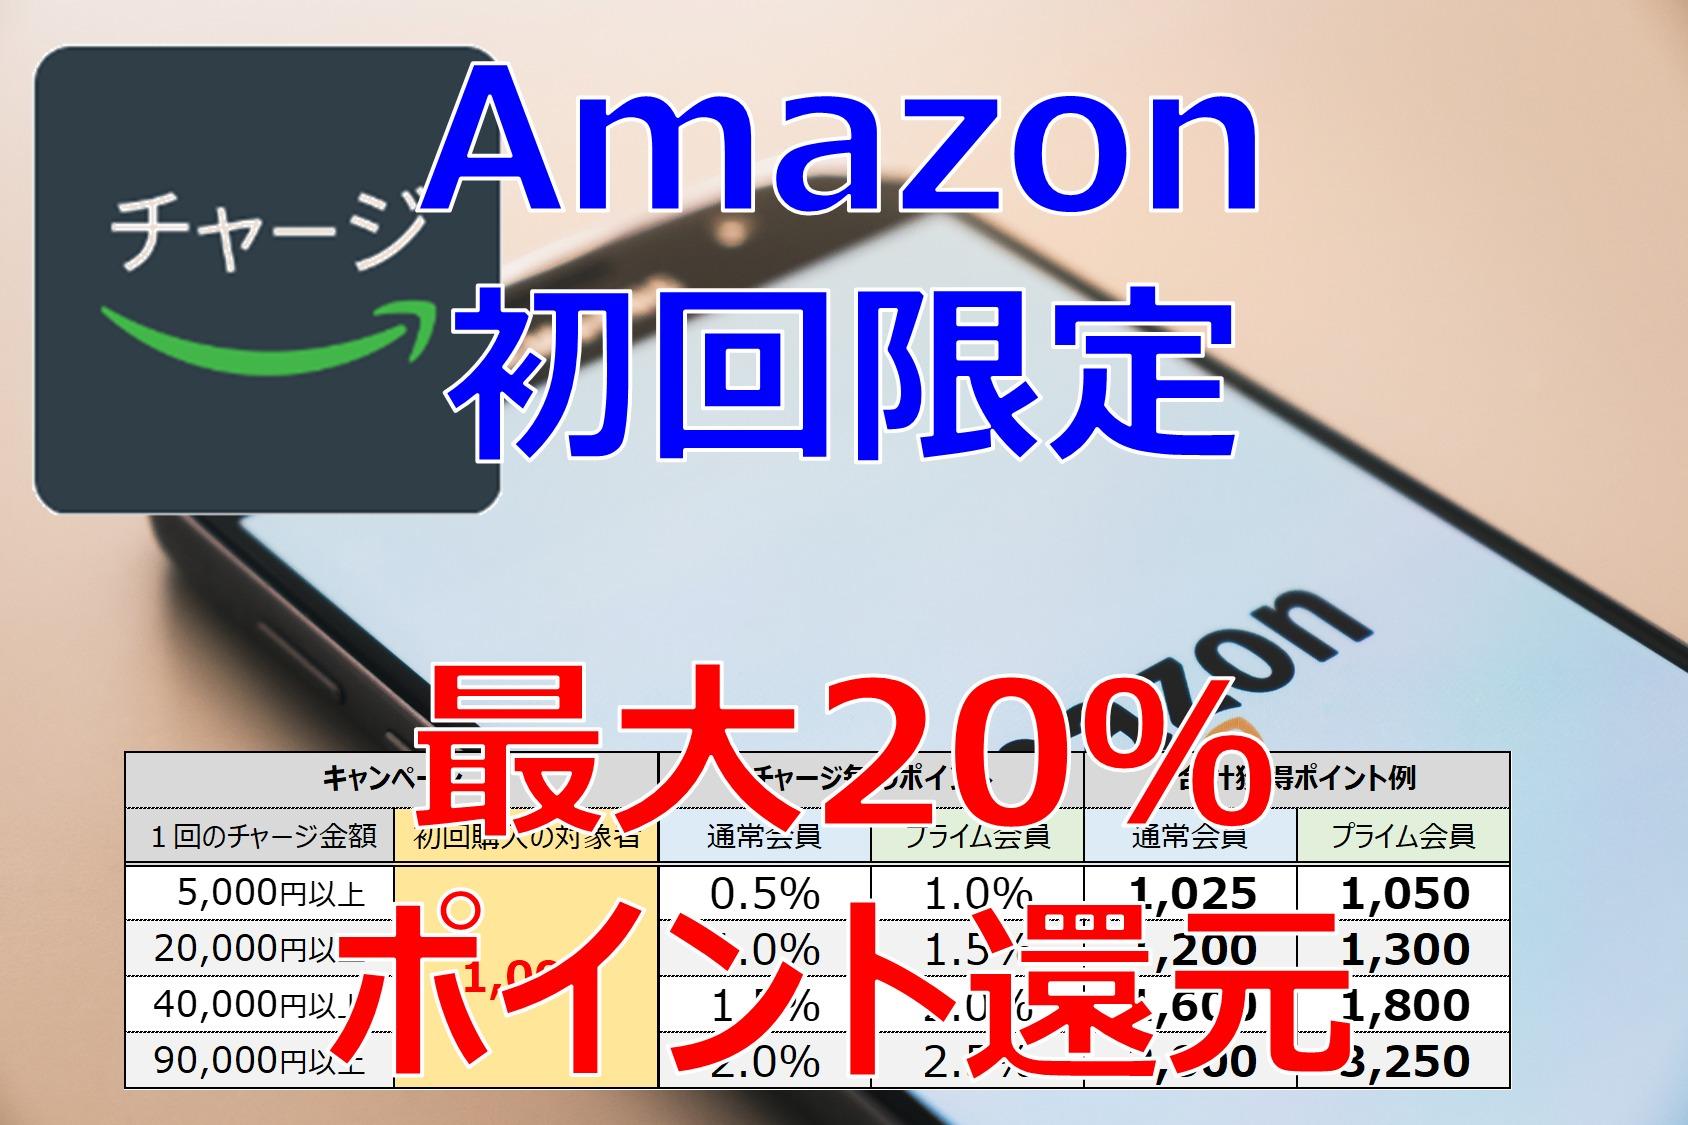 還元率20%! Amazonギフト券の初回チャージで1000円分のポイントをお得にゲットするキャンペーン